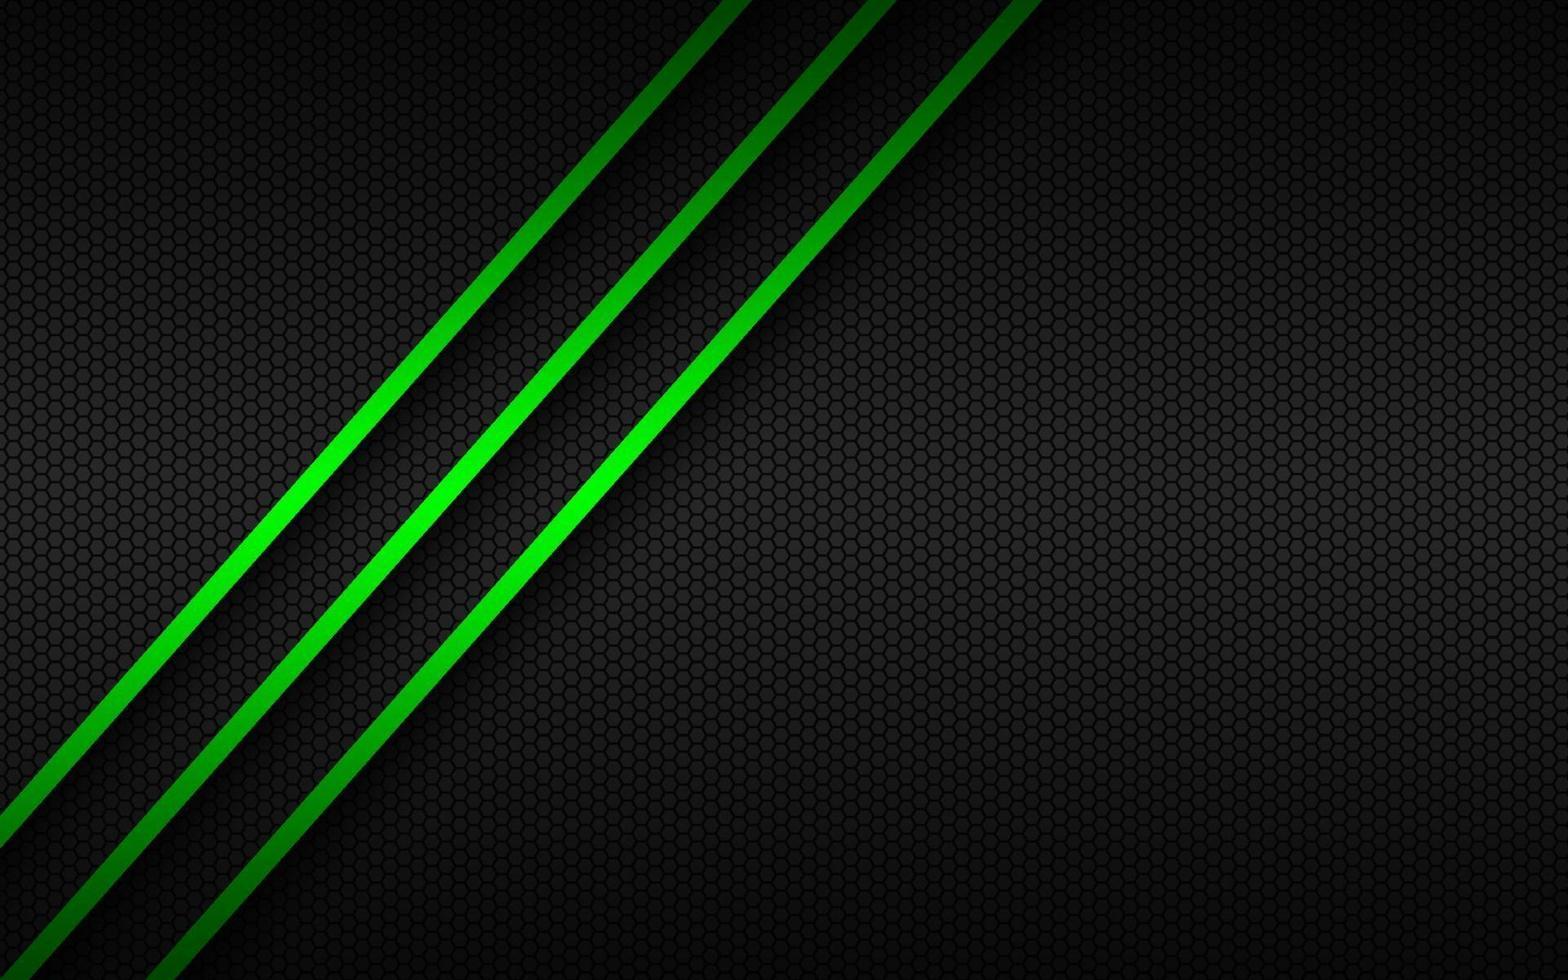 abstakt bakgrund med gröna linjer på överlappande lager och månghörnigt mönster. mall för din banner och presentation. modern vektorillustration vektor